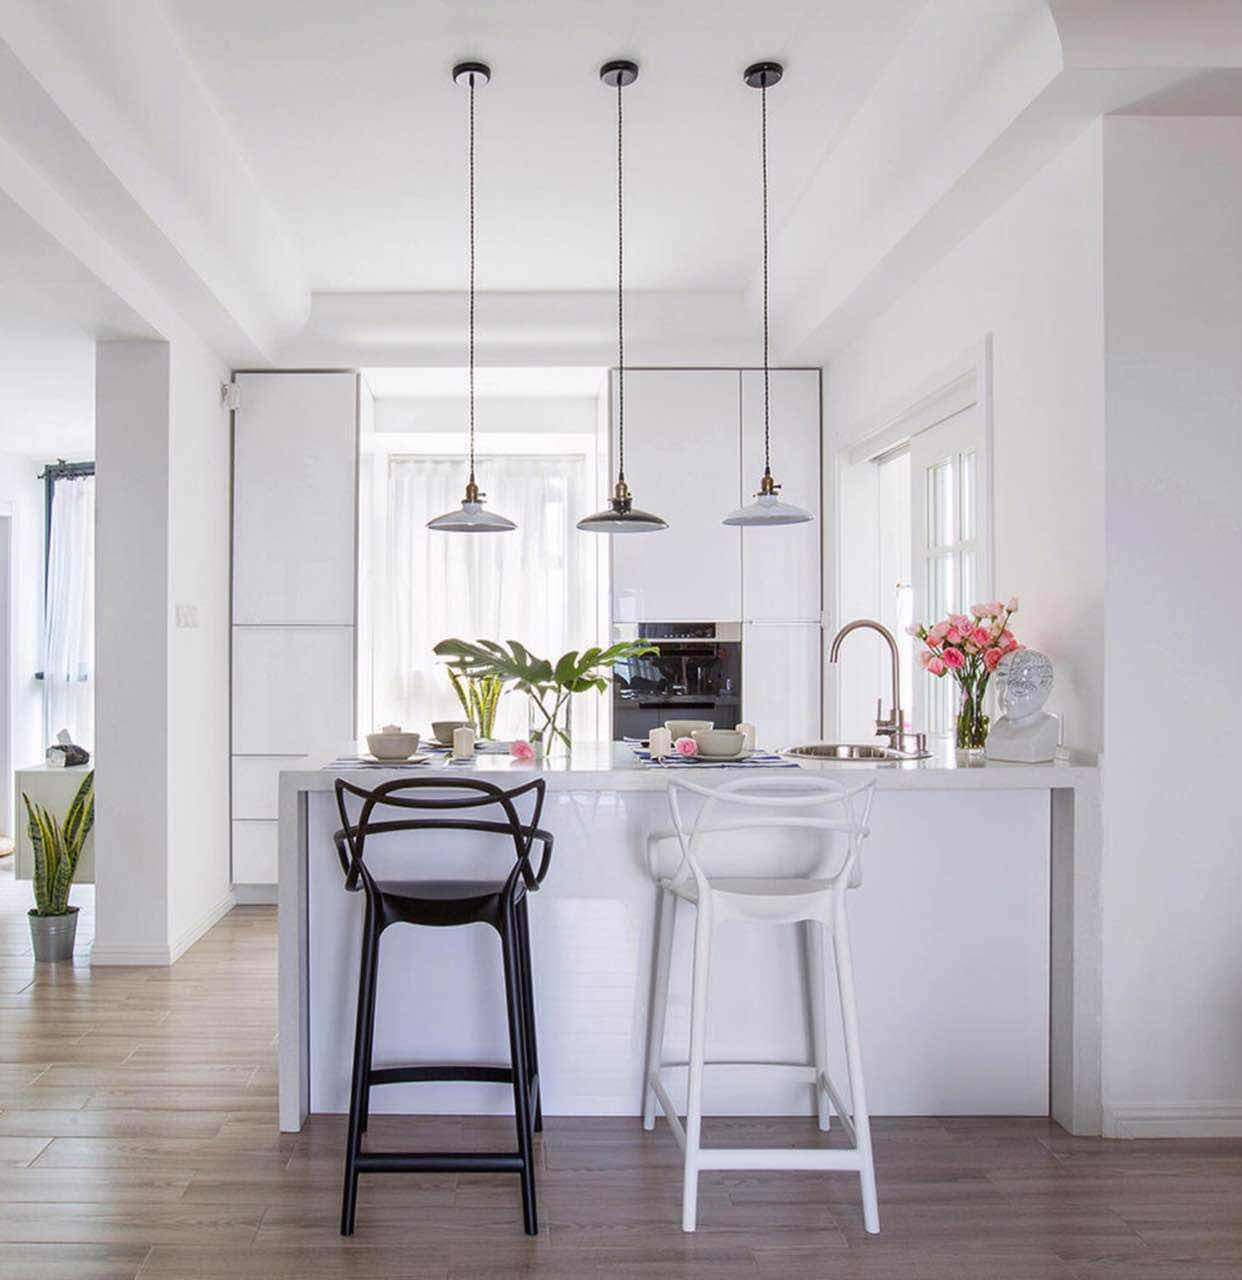 北欧 住宅 公寓 新房装修 餐厅图片来自乐粉_20181003112538352在北欧风格装修案例的分享